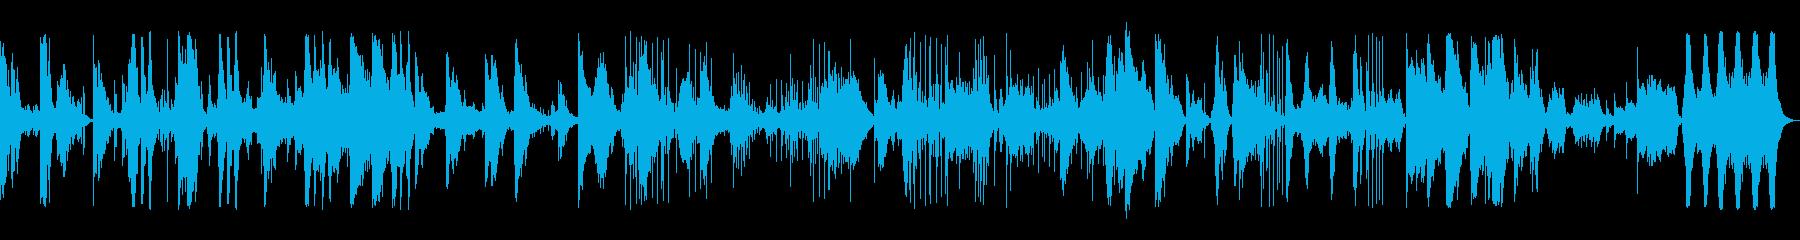 アコーステック サスペンス 説明的...の再生済みの波形